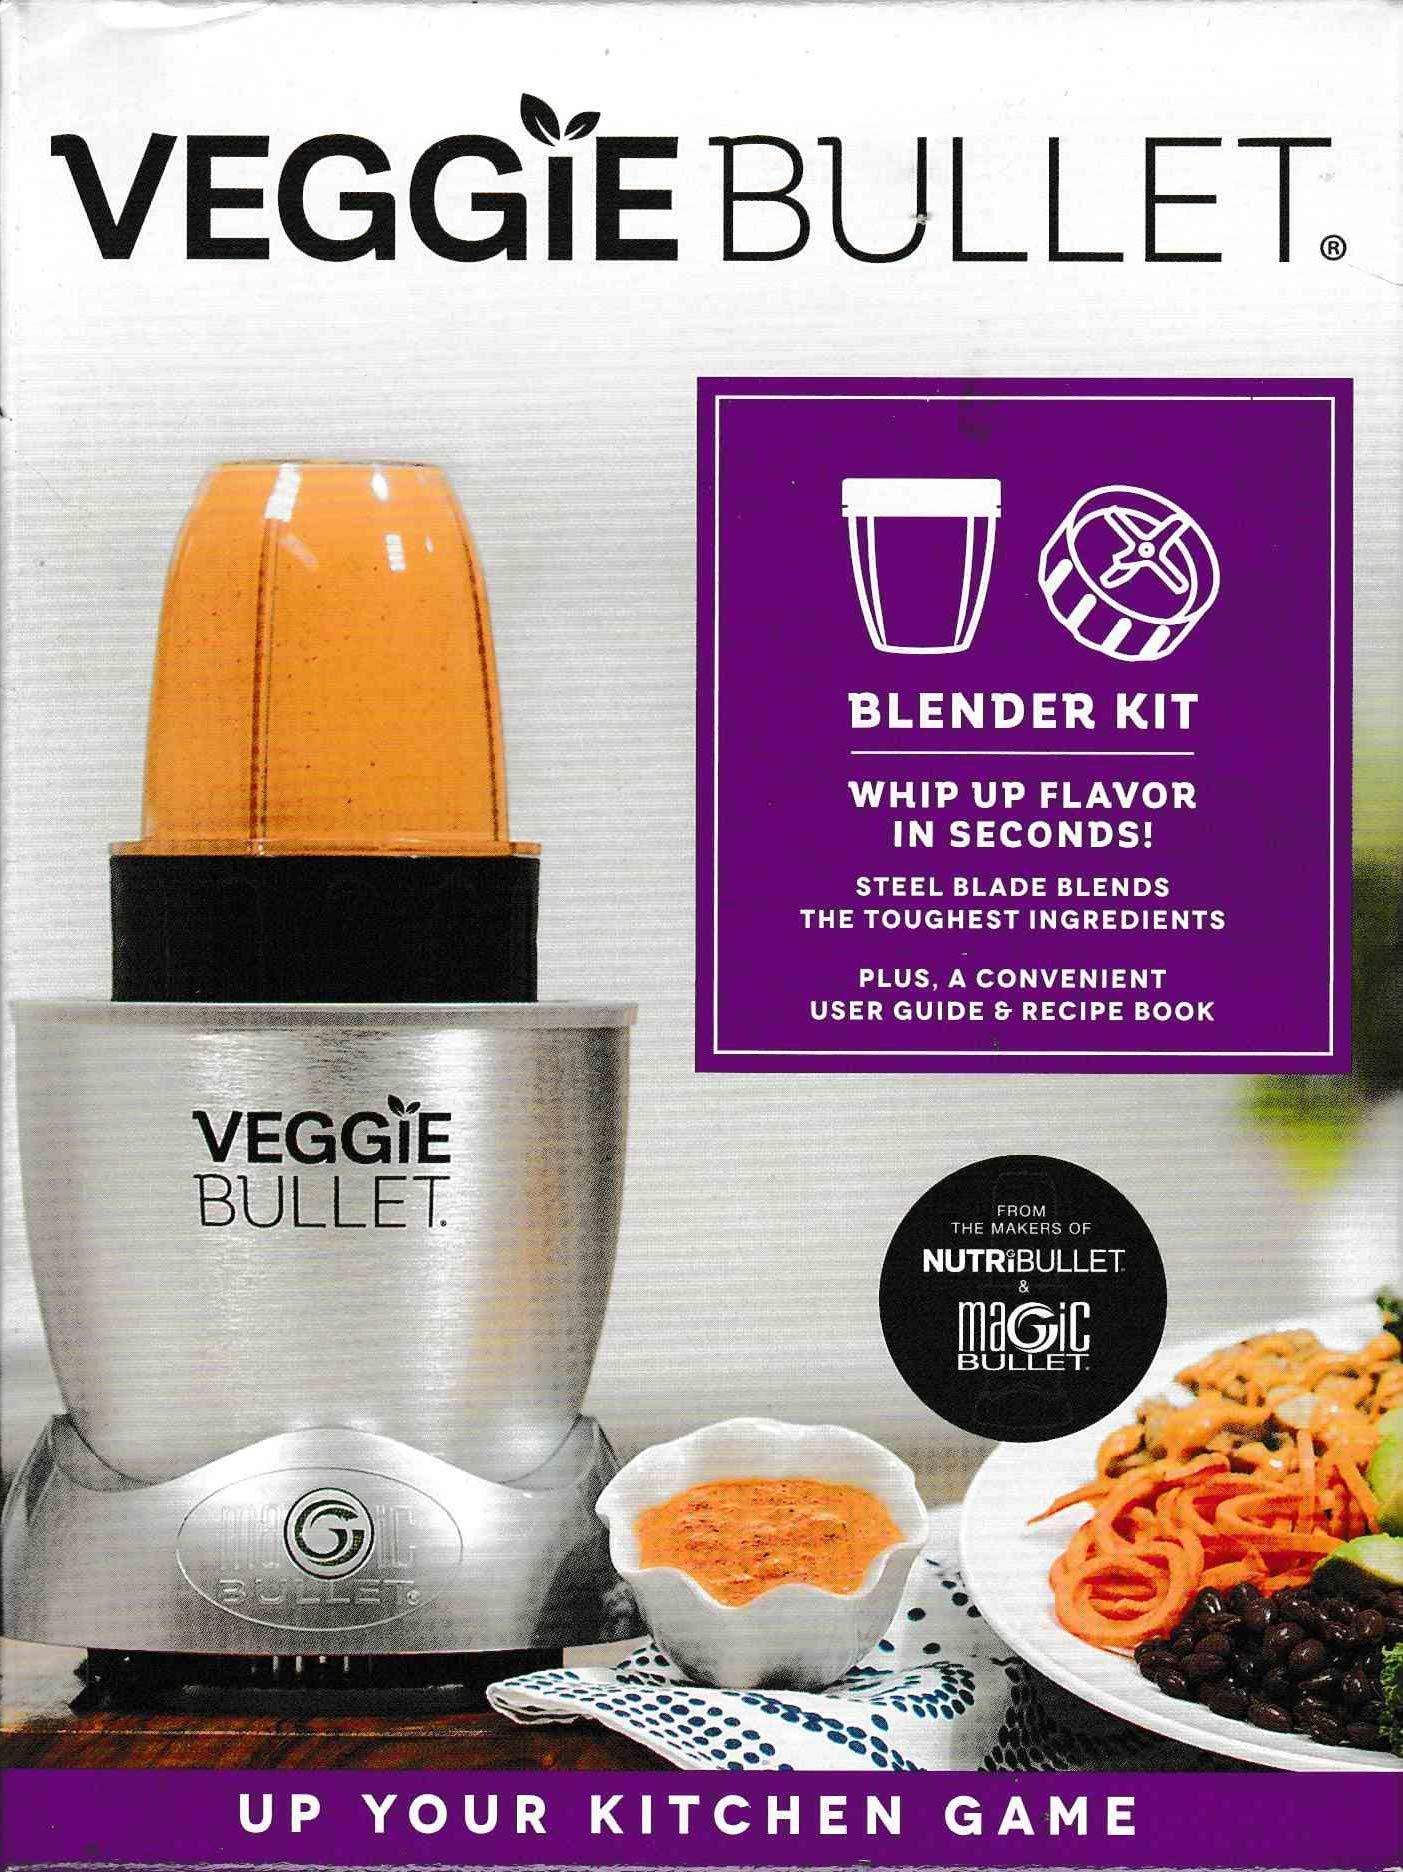 Veggie Bullet Blender Kit